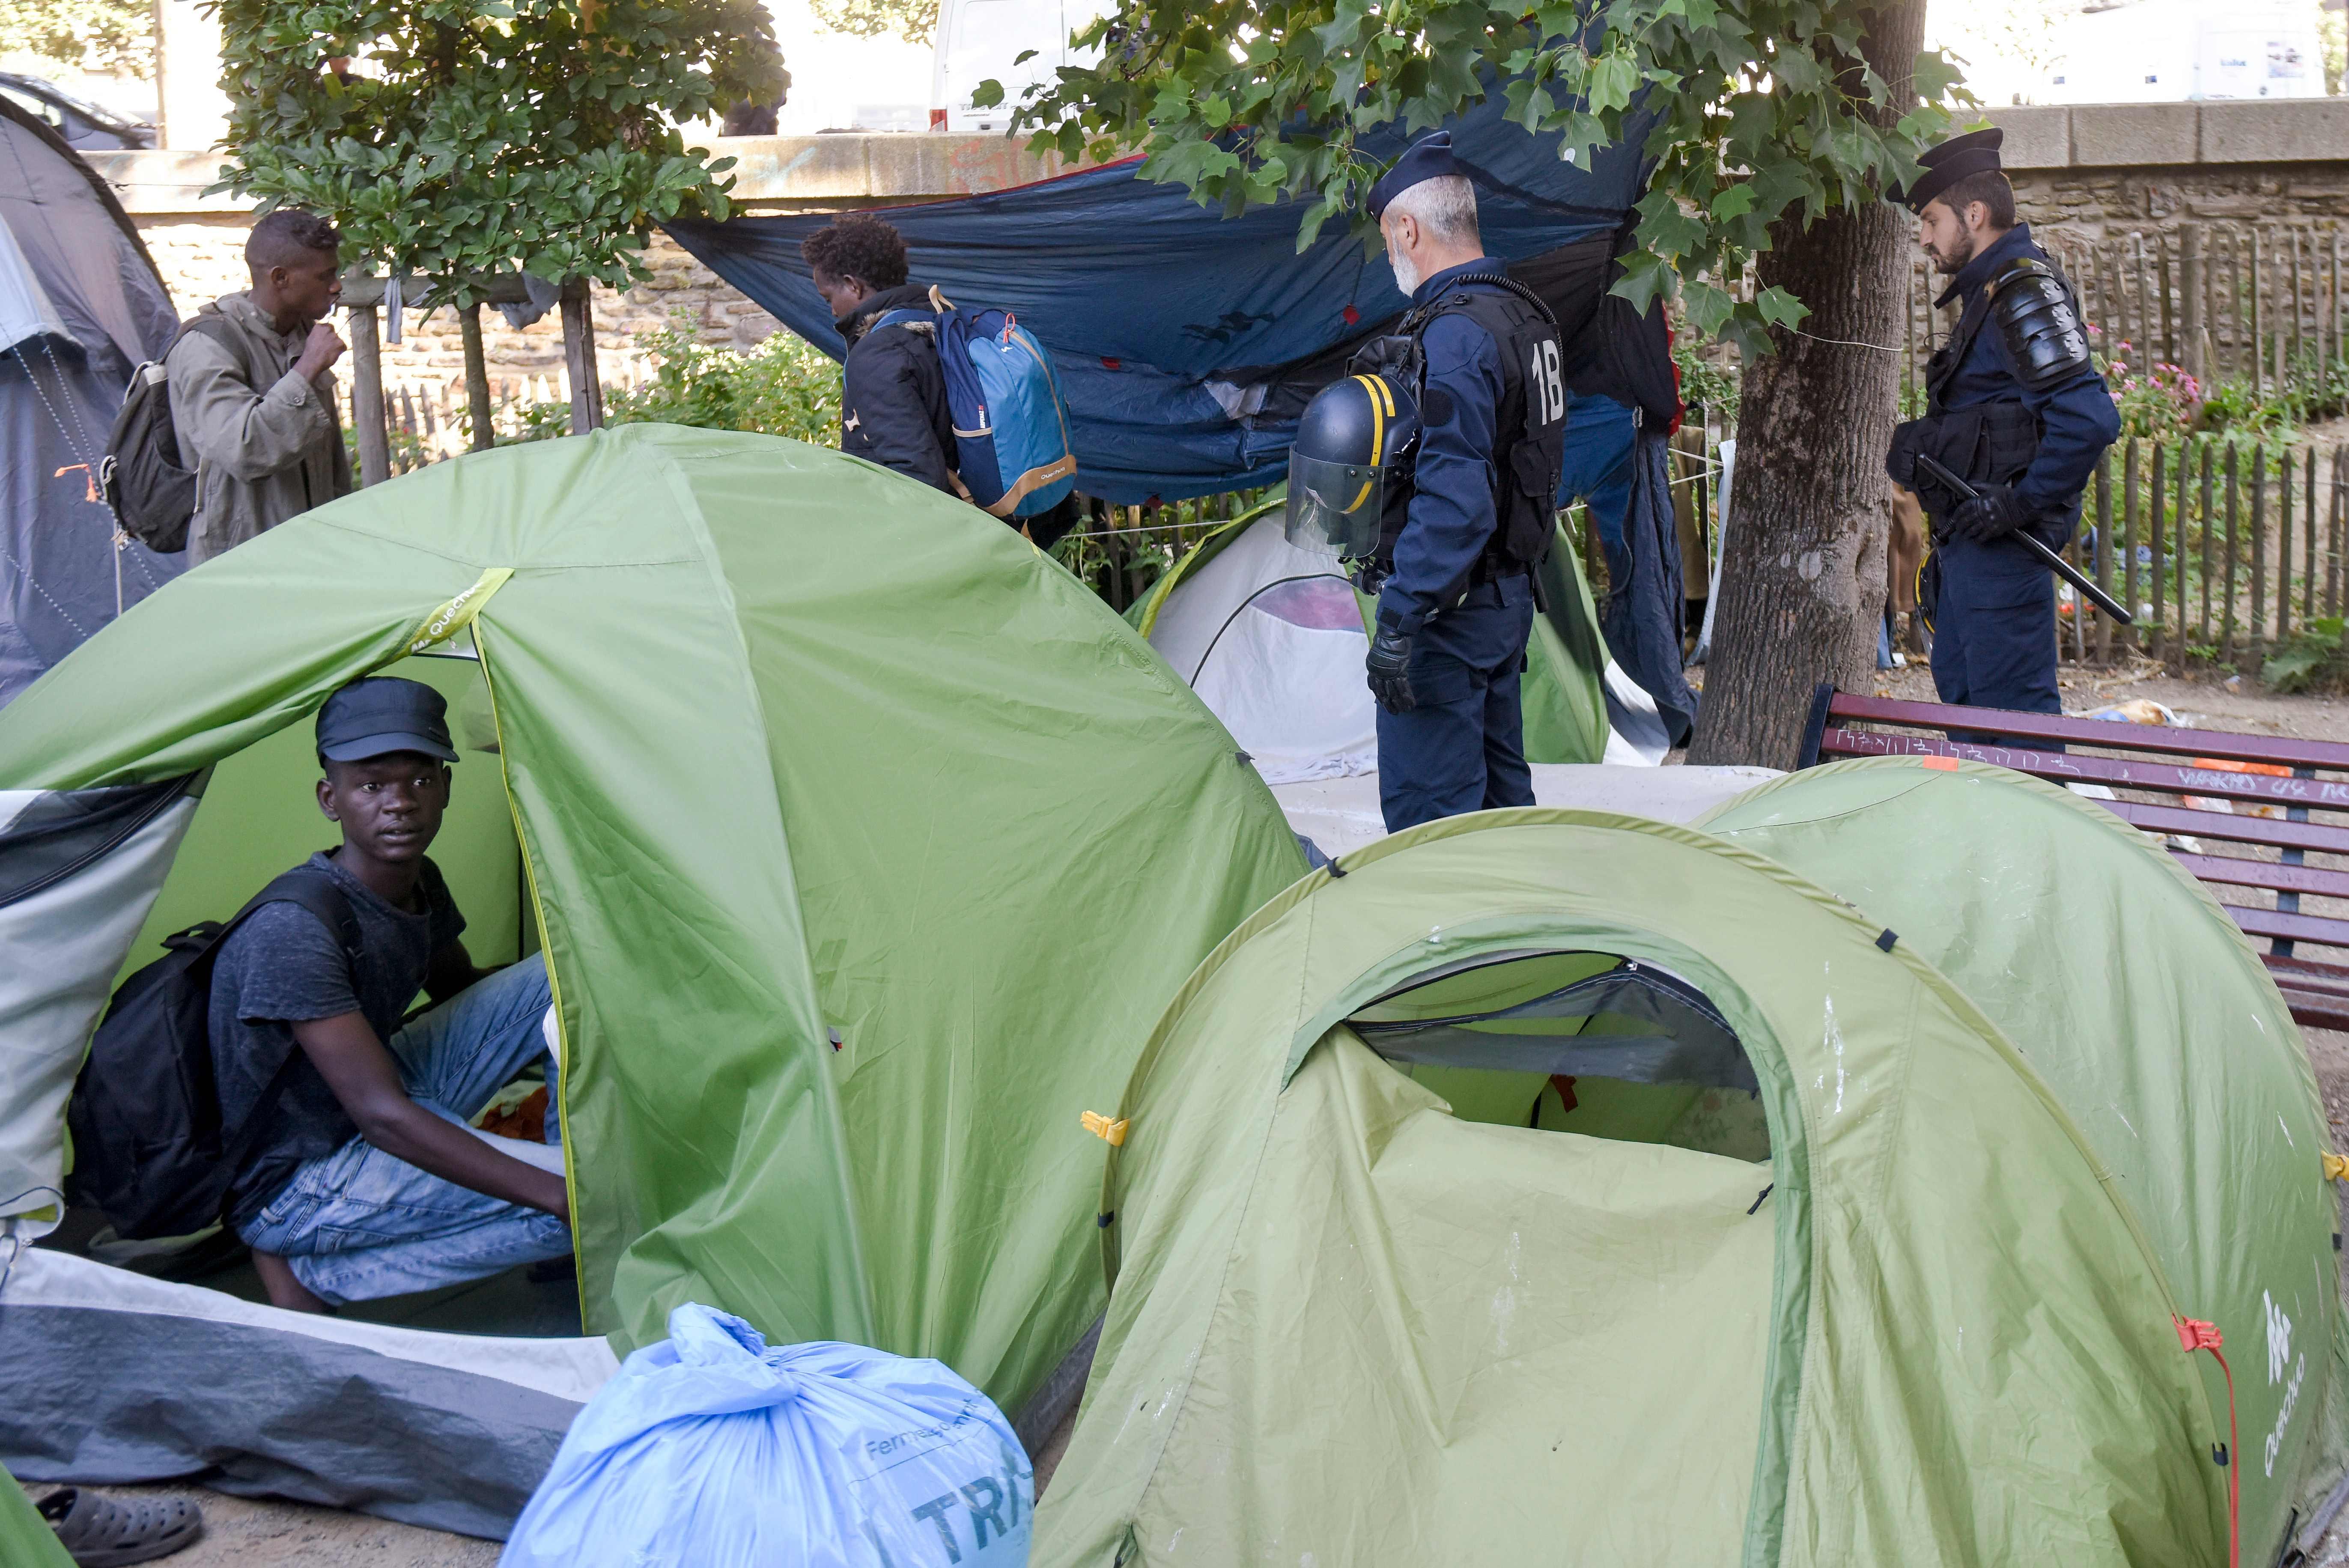 جانب من إخلاء مخيم للمهاجرين فى فرنسا يضم أكثر من 450 شخصا